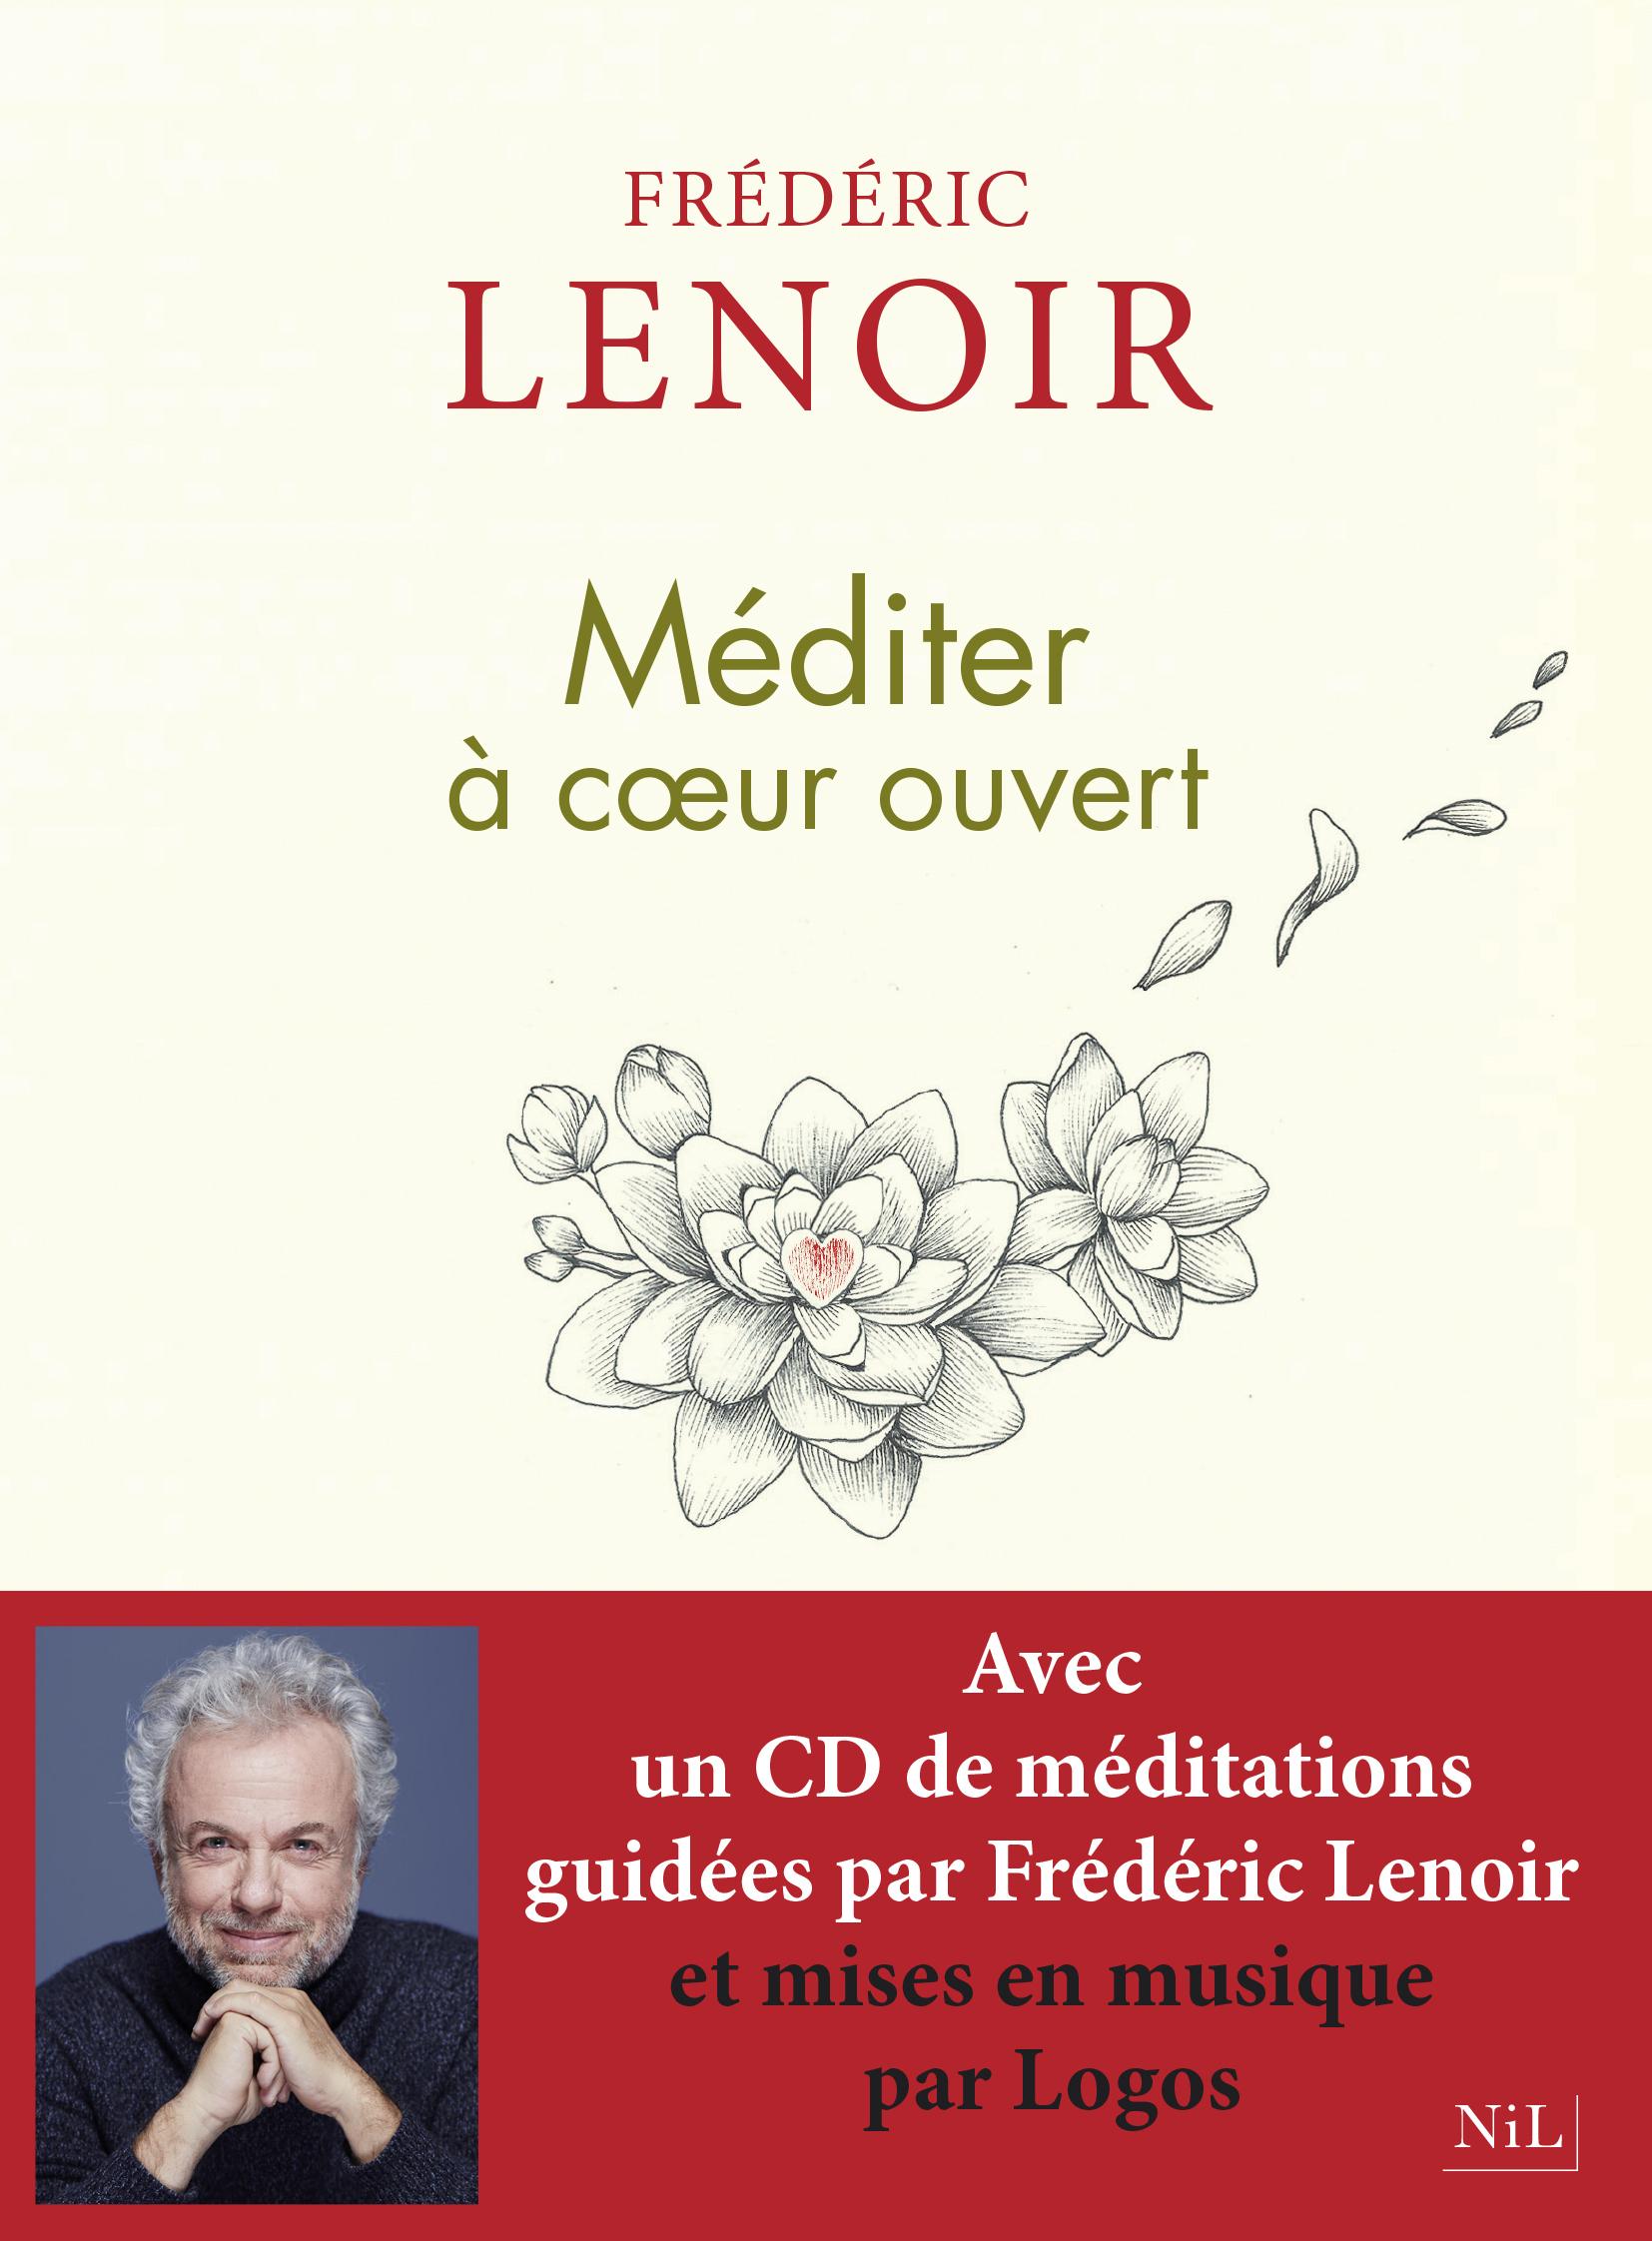 Frédéric Lenoir - Méditer à coeur ouvert